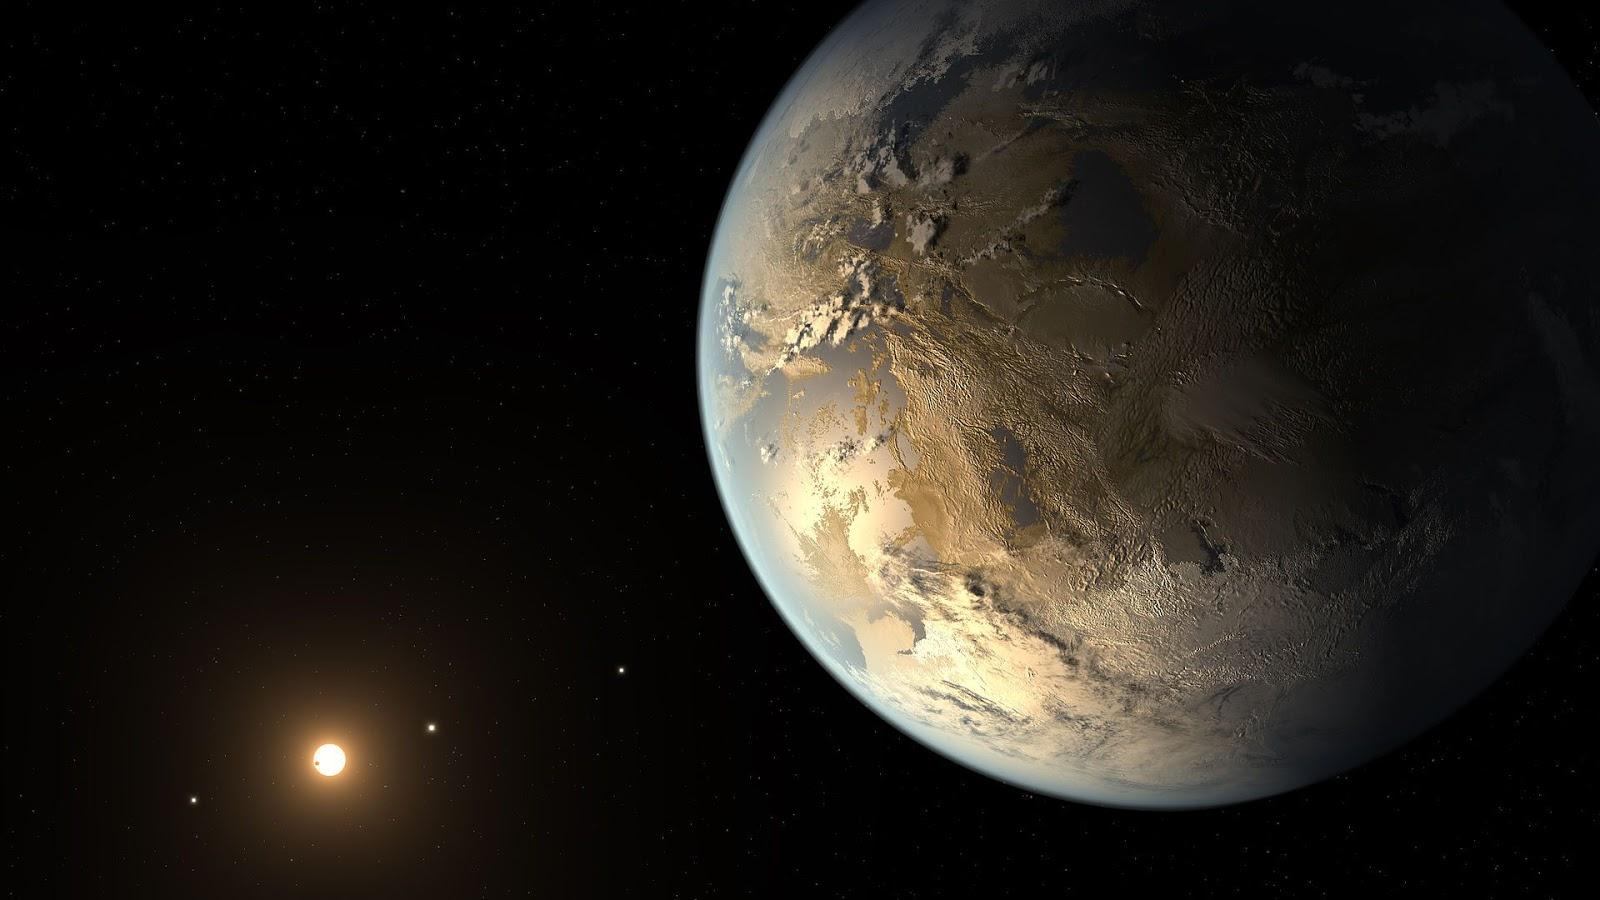 El SETI Se Topa Con Una Extraña Señal De Origen Extraterrestre